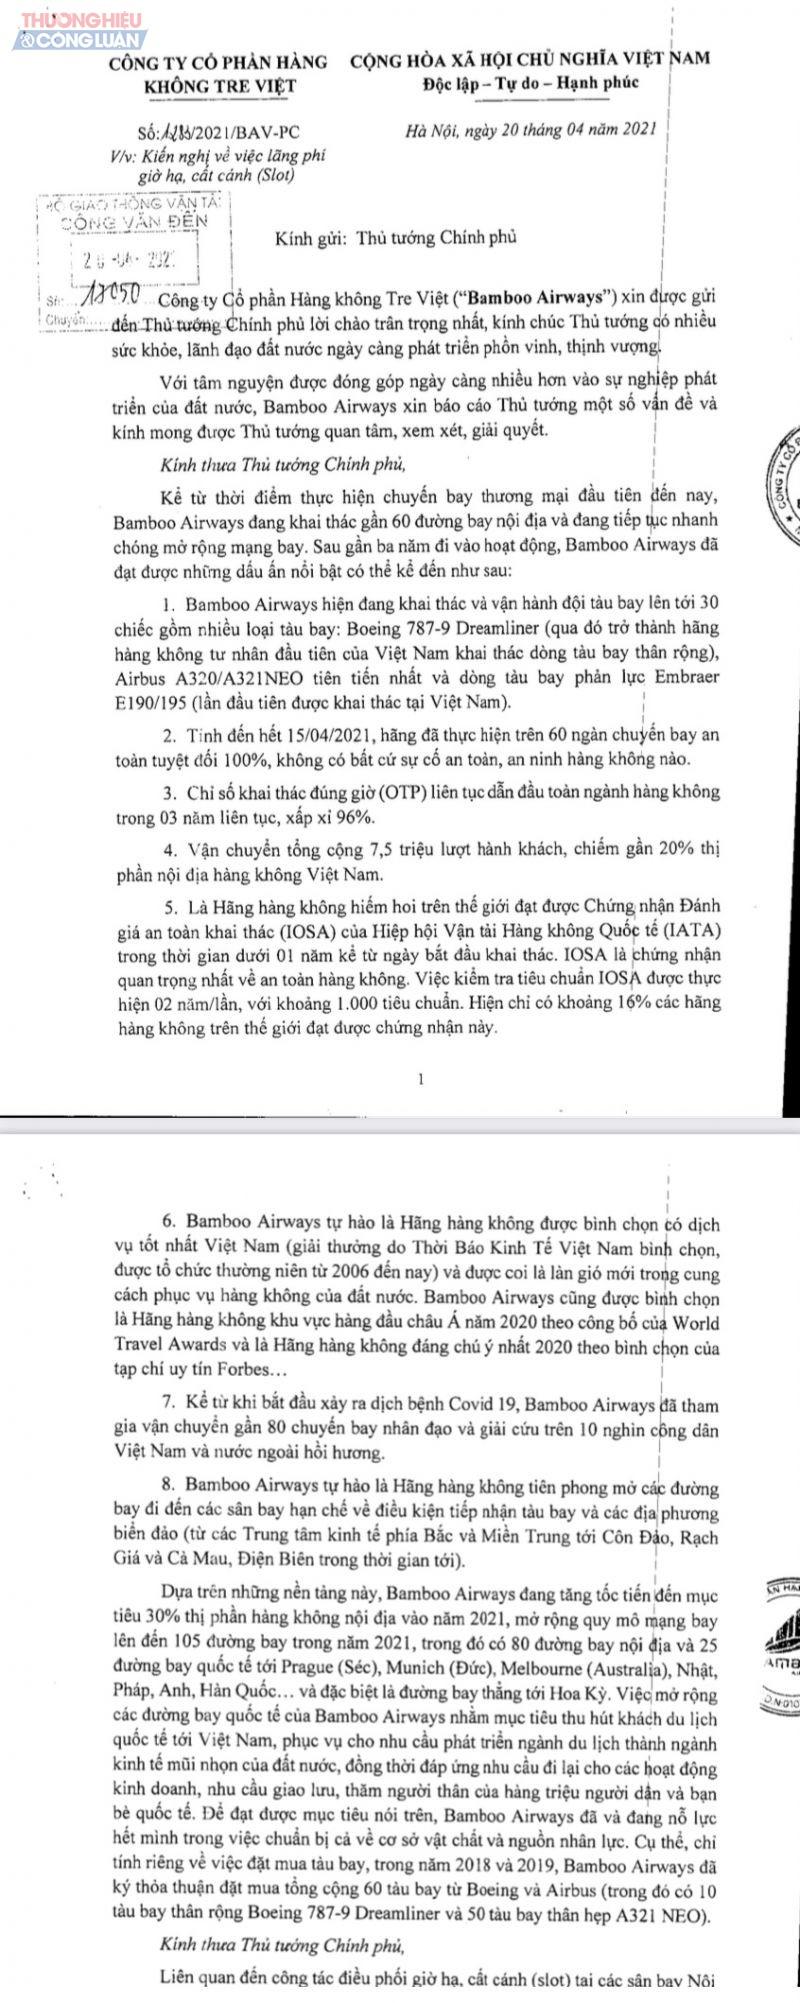 Trong văn bản ngày 20.4 gửi lên Thủ tướng, Bamboo tố Cục Hàng không để lãng phí 30 slot/ngày tại Nội Bài và Tân Sơn Nhất